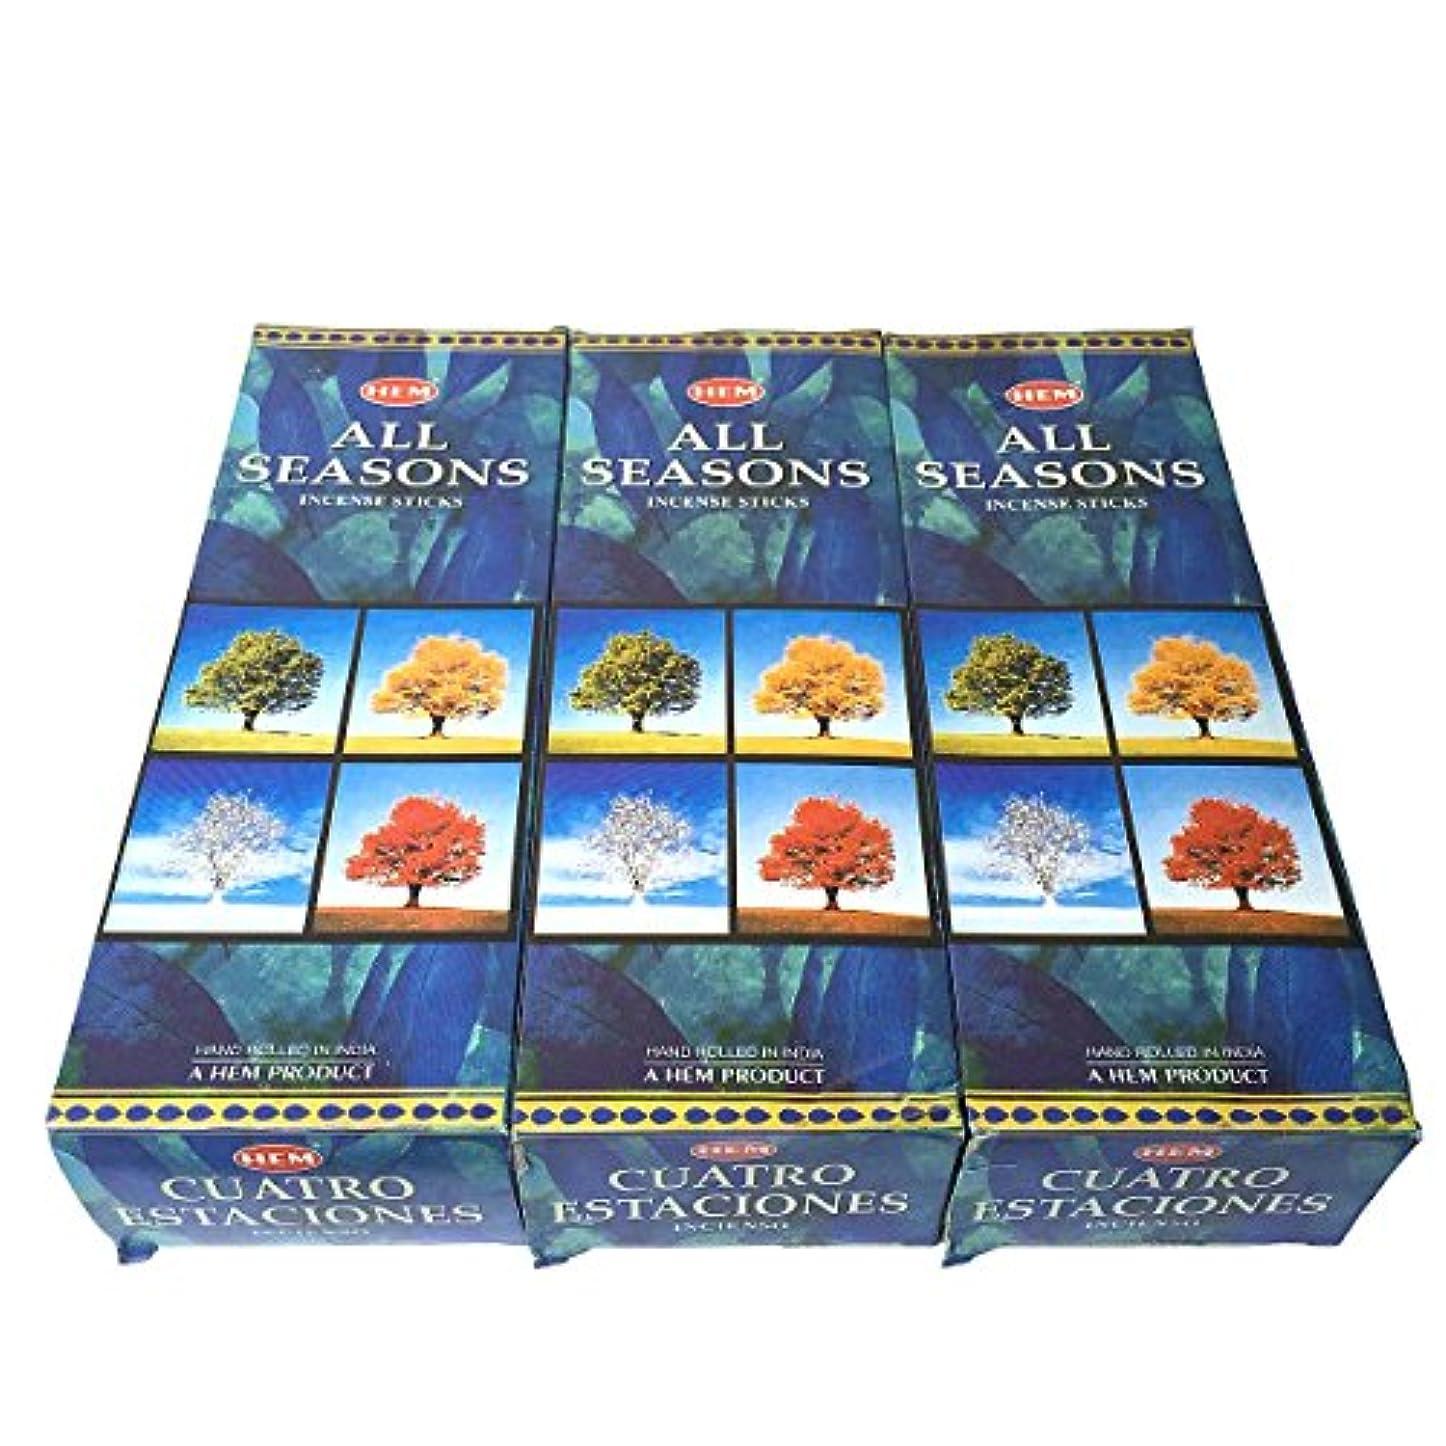 大腿マングル社交的オールシーズン香スティック 3BOX(18箱) /HEM ALL SEASONS/インセンス/インド香 お香 [並行輸入品]